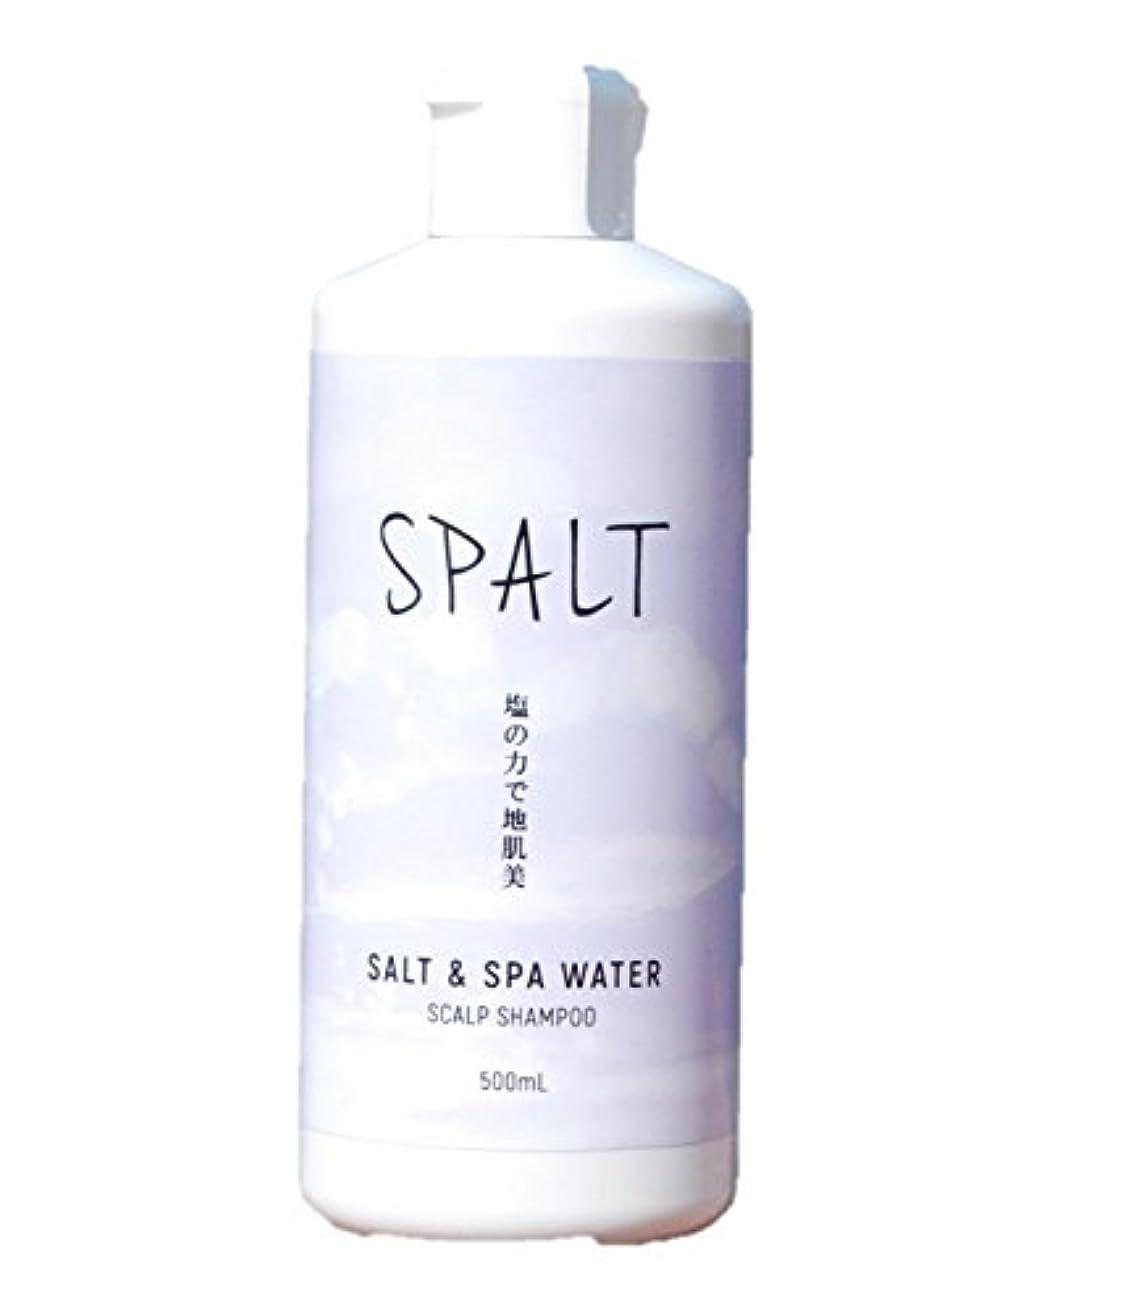 有毒な水曜日防腐剤塩シャンプー 皆生温泉水シャンプー スパルト